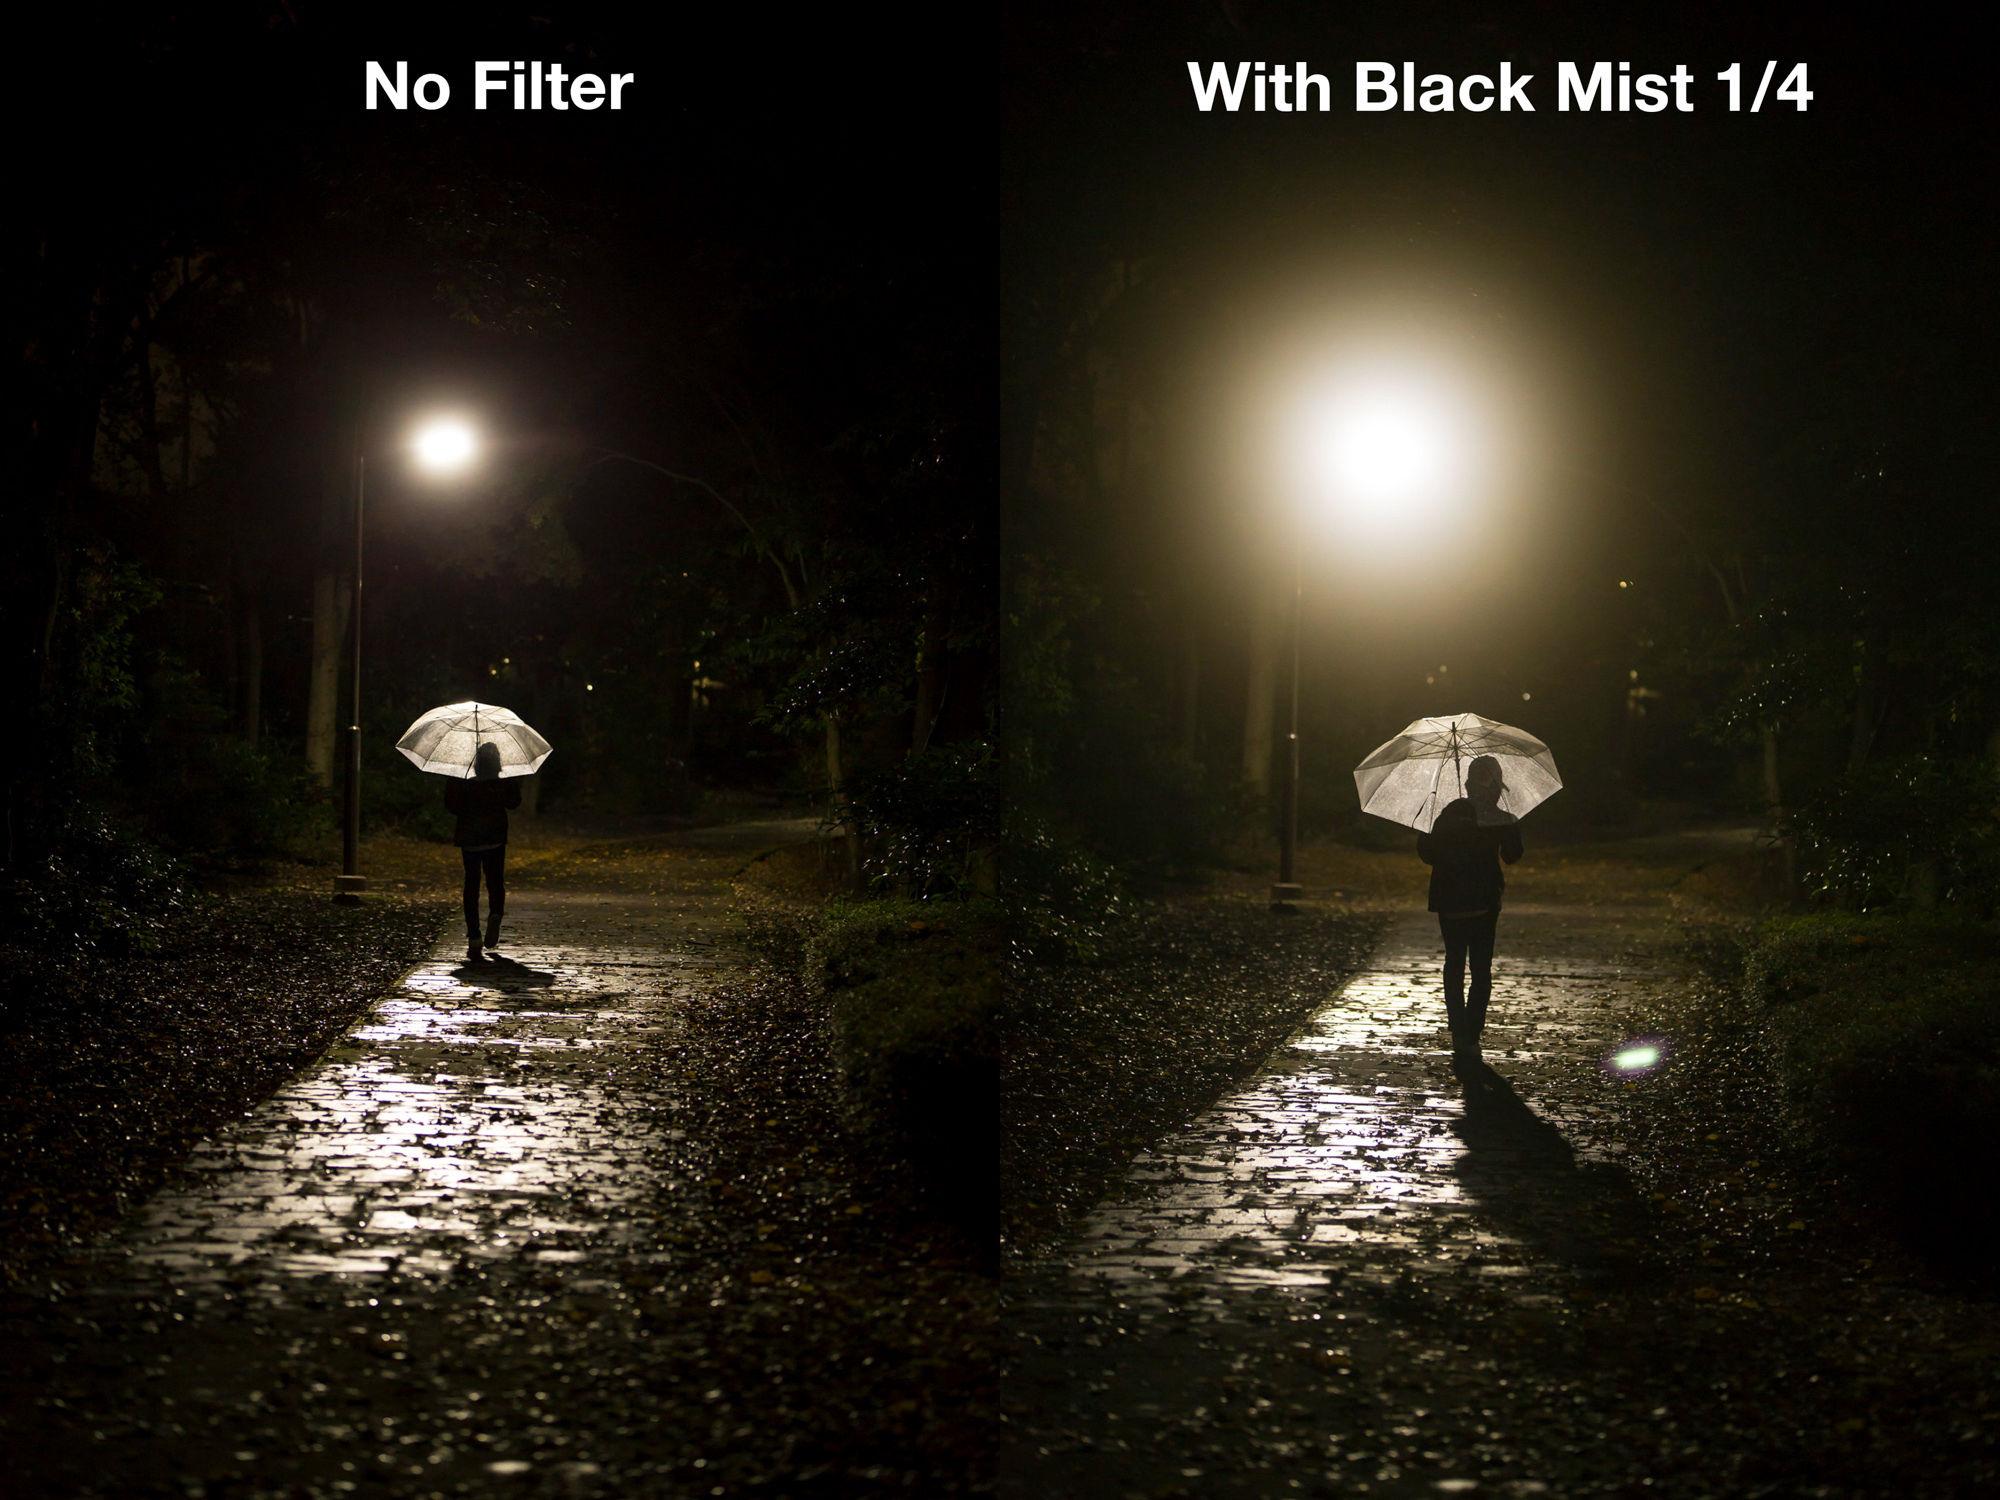 Black Mist Compare